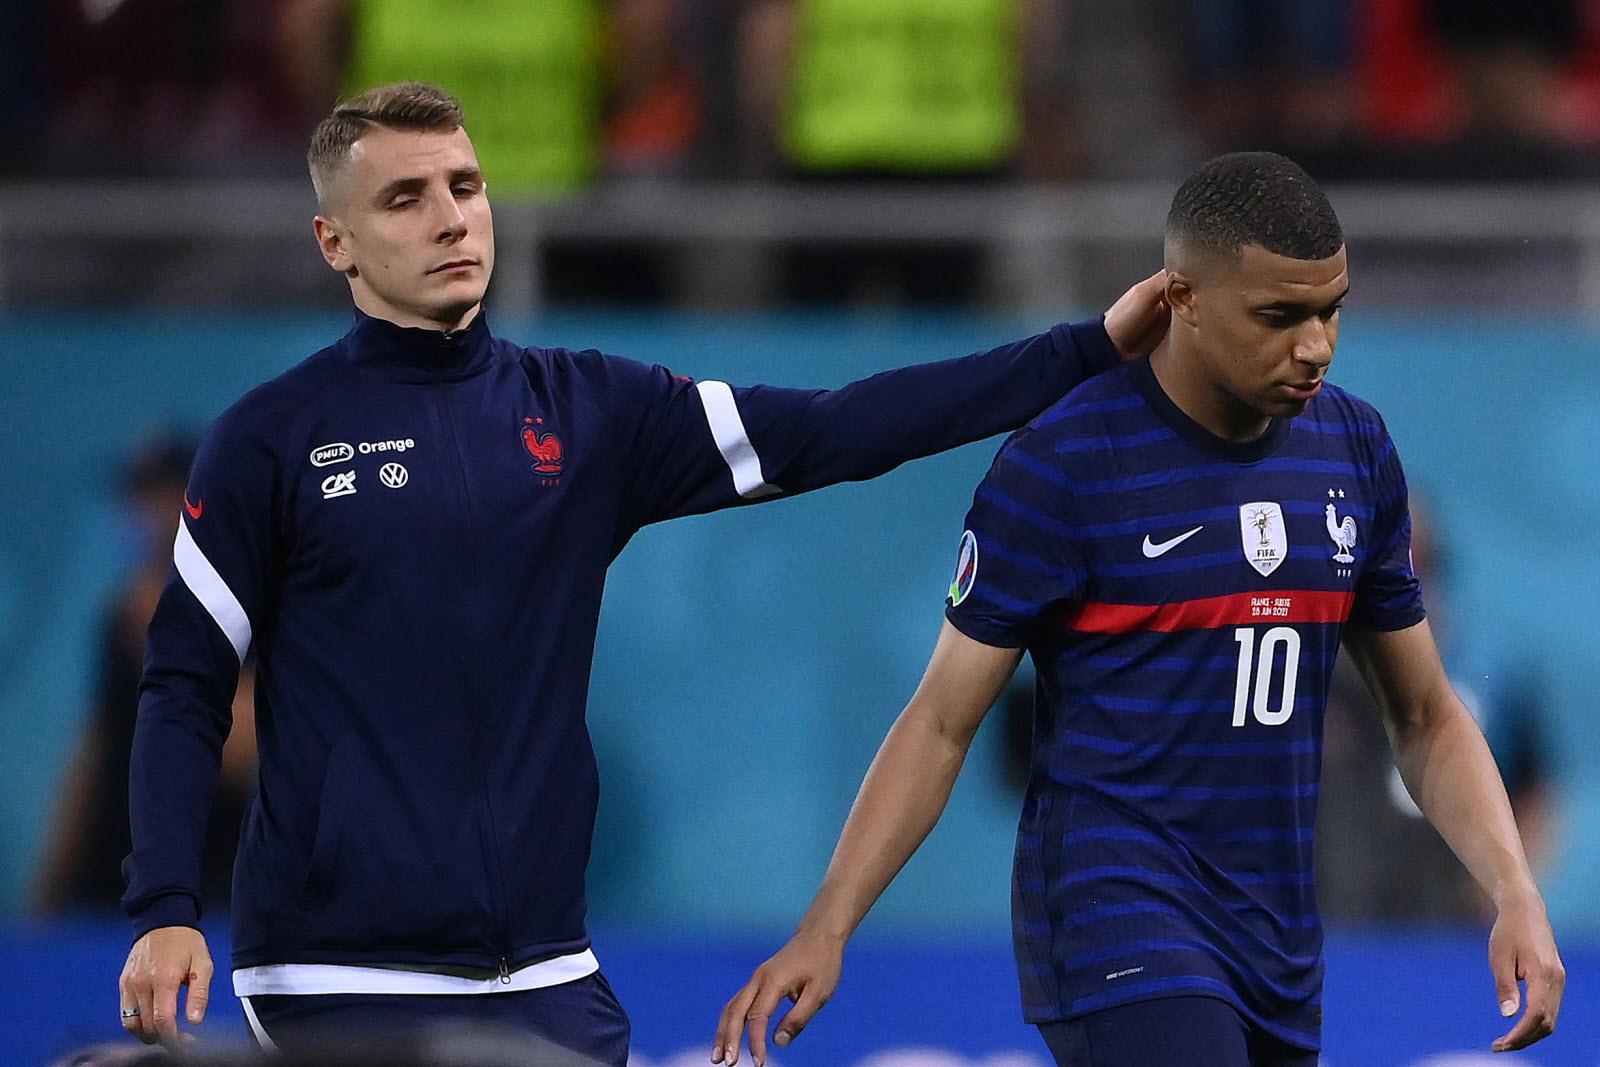 Kylian Mbappé est consolé par Lucas Digne après son tir-au-but manqué lors du match France-Suisse du 28 juin 2021.